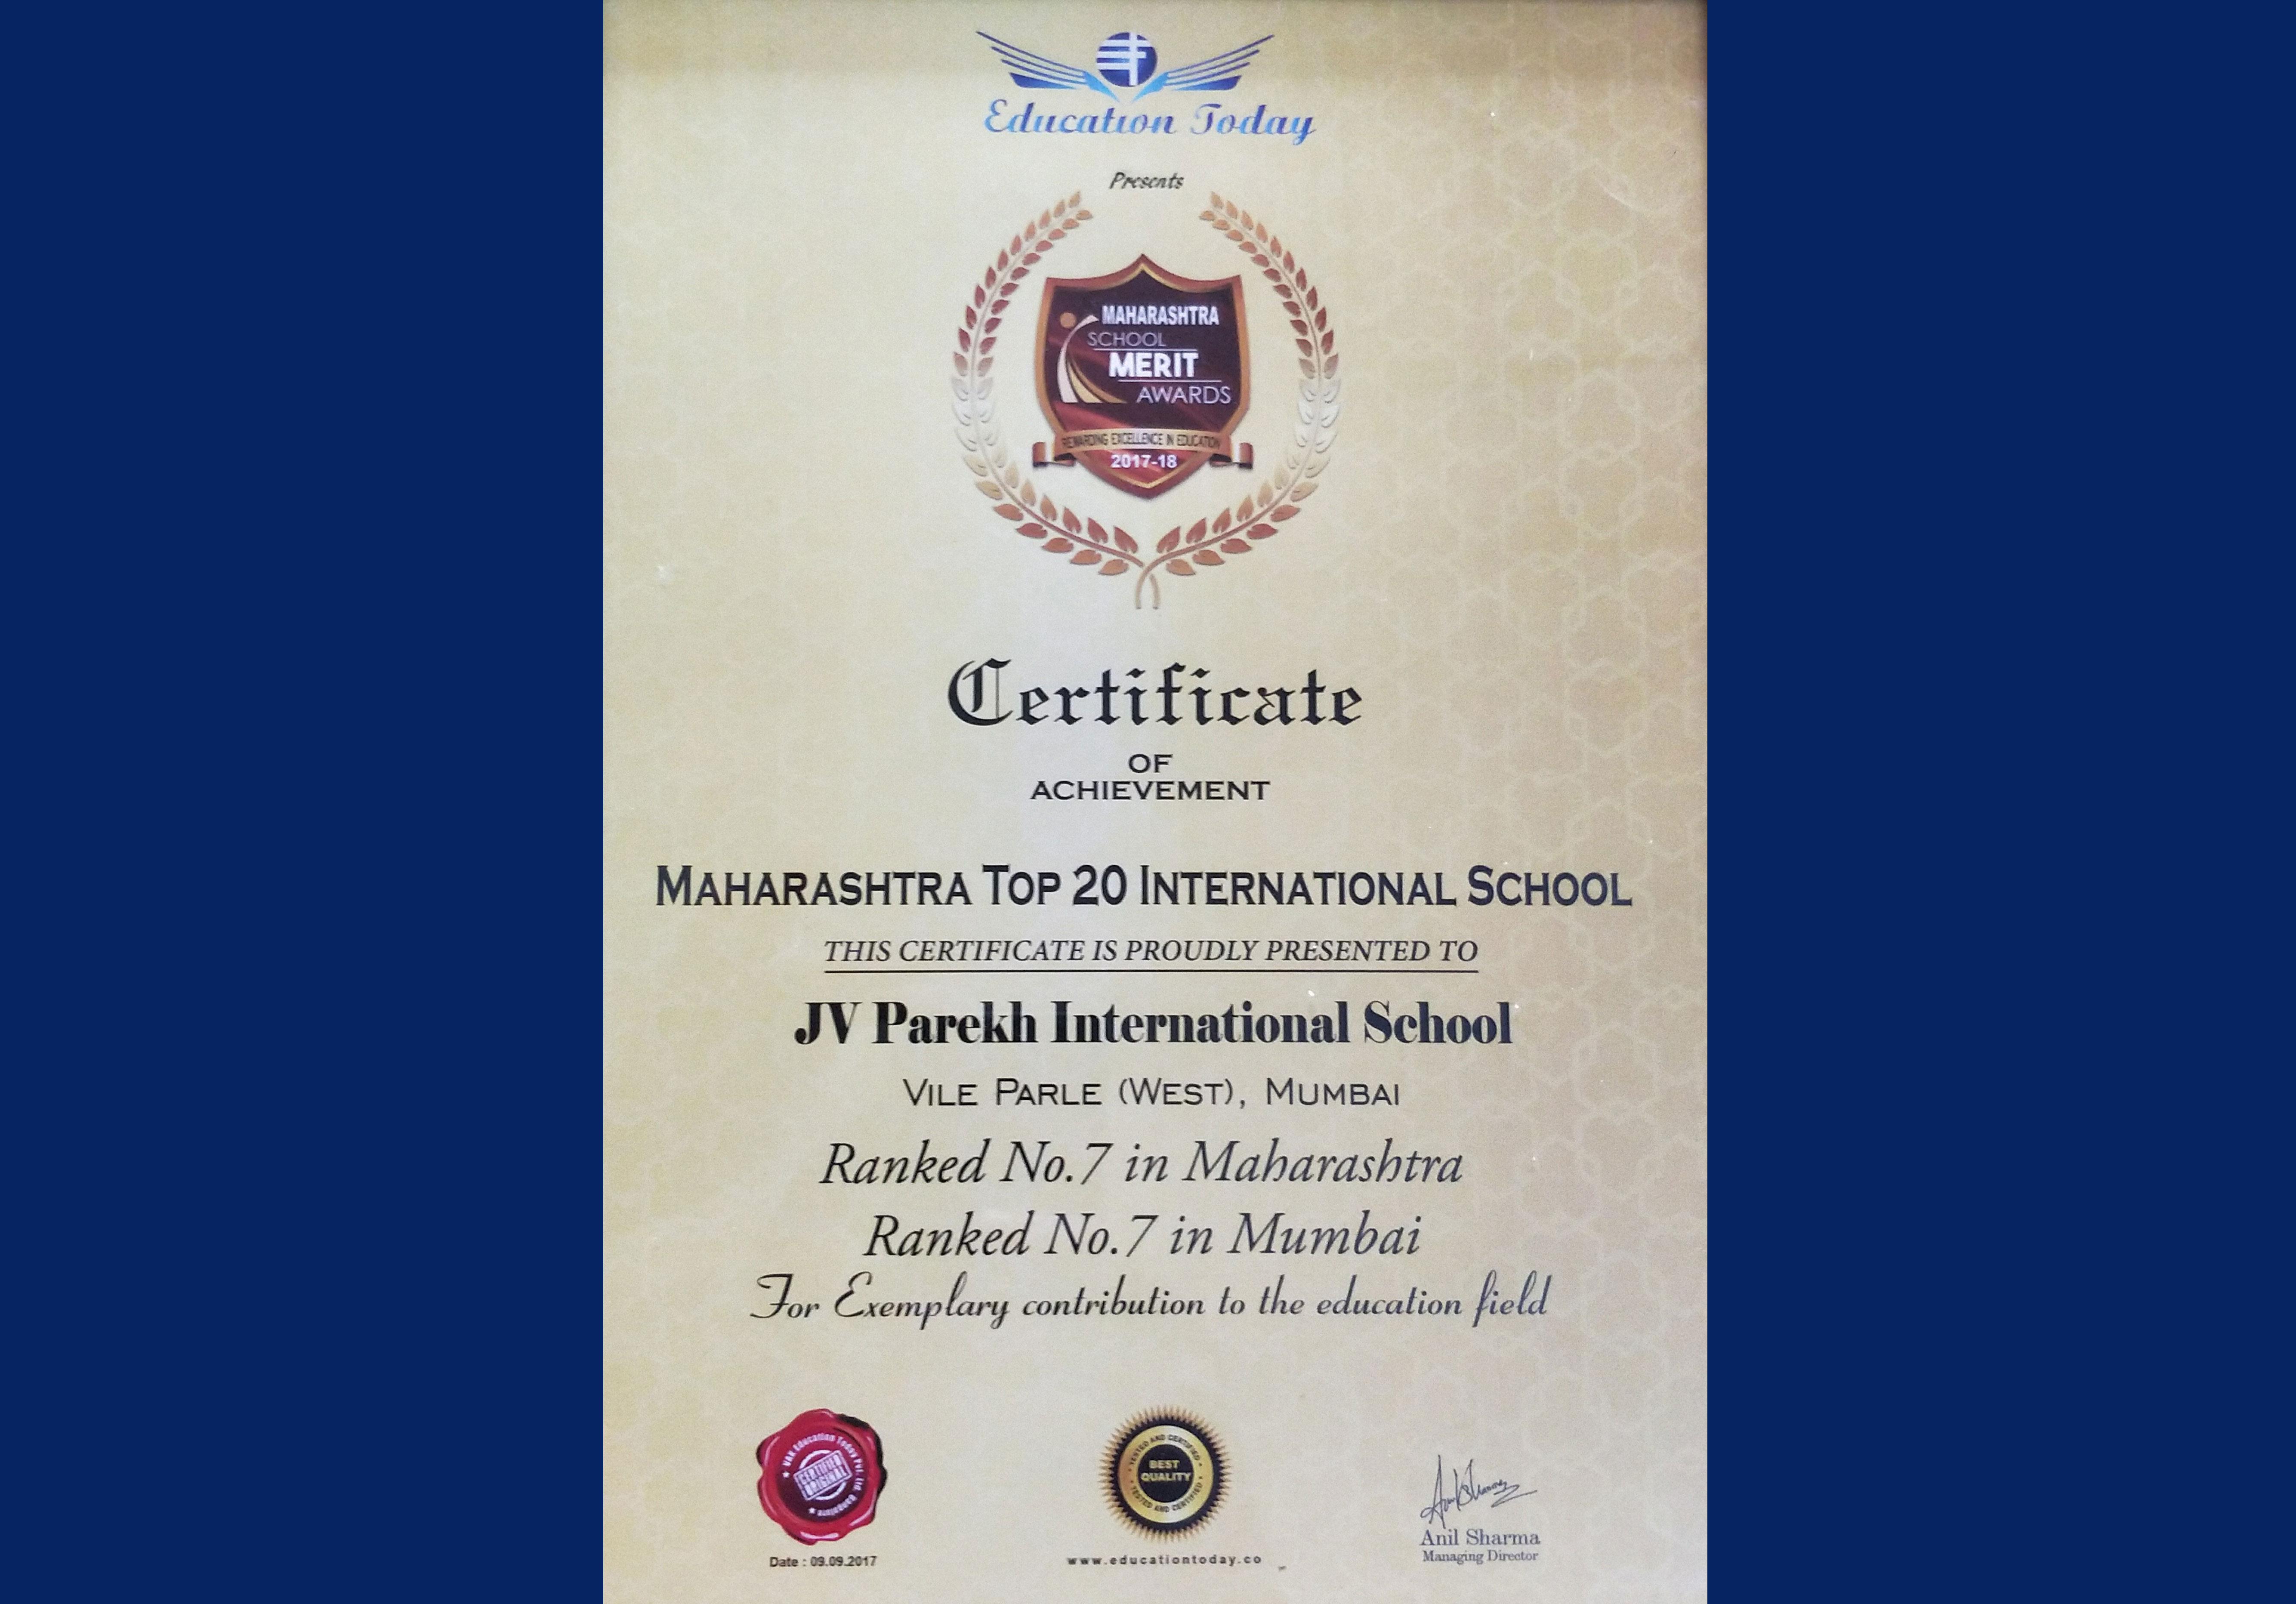 J V PAREKH INTERNATIONAL